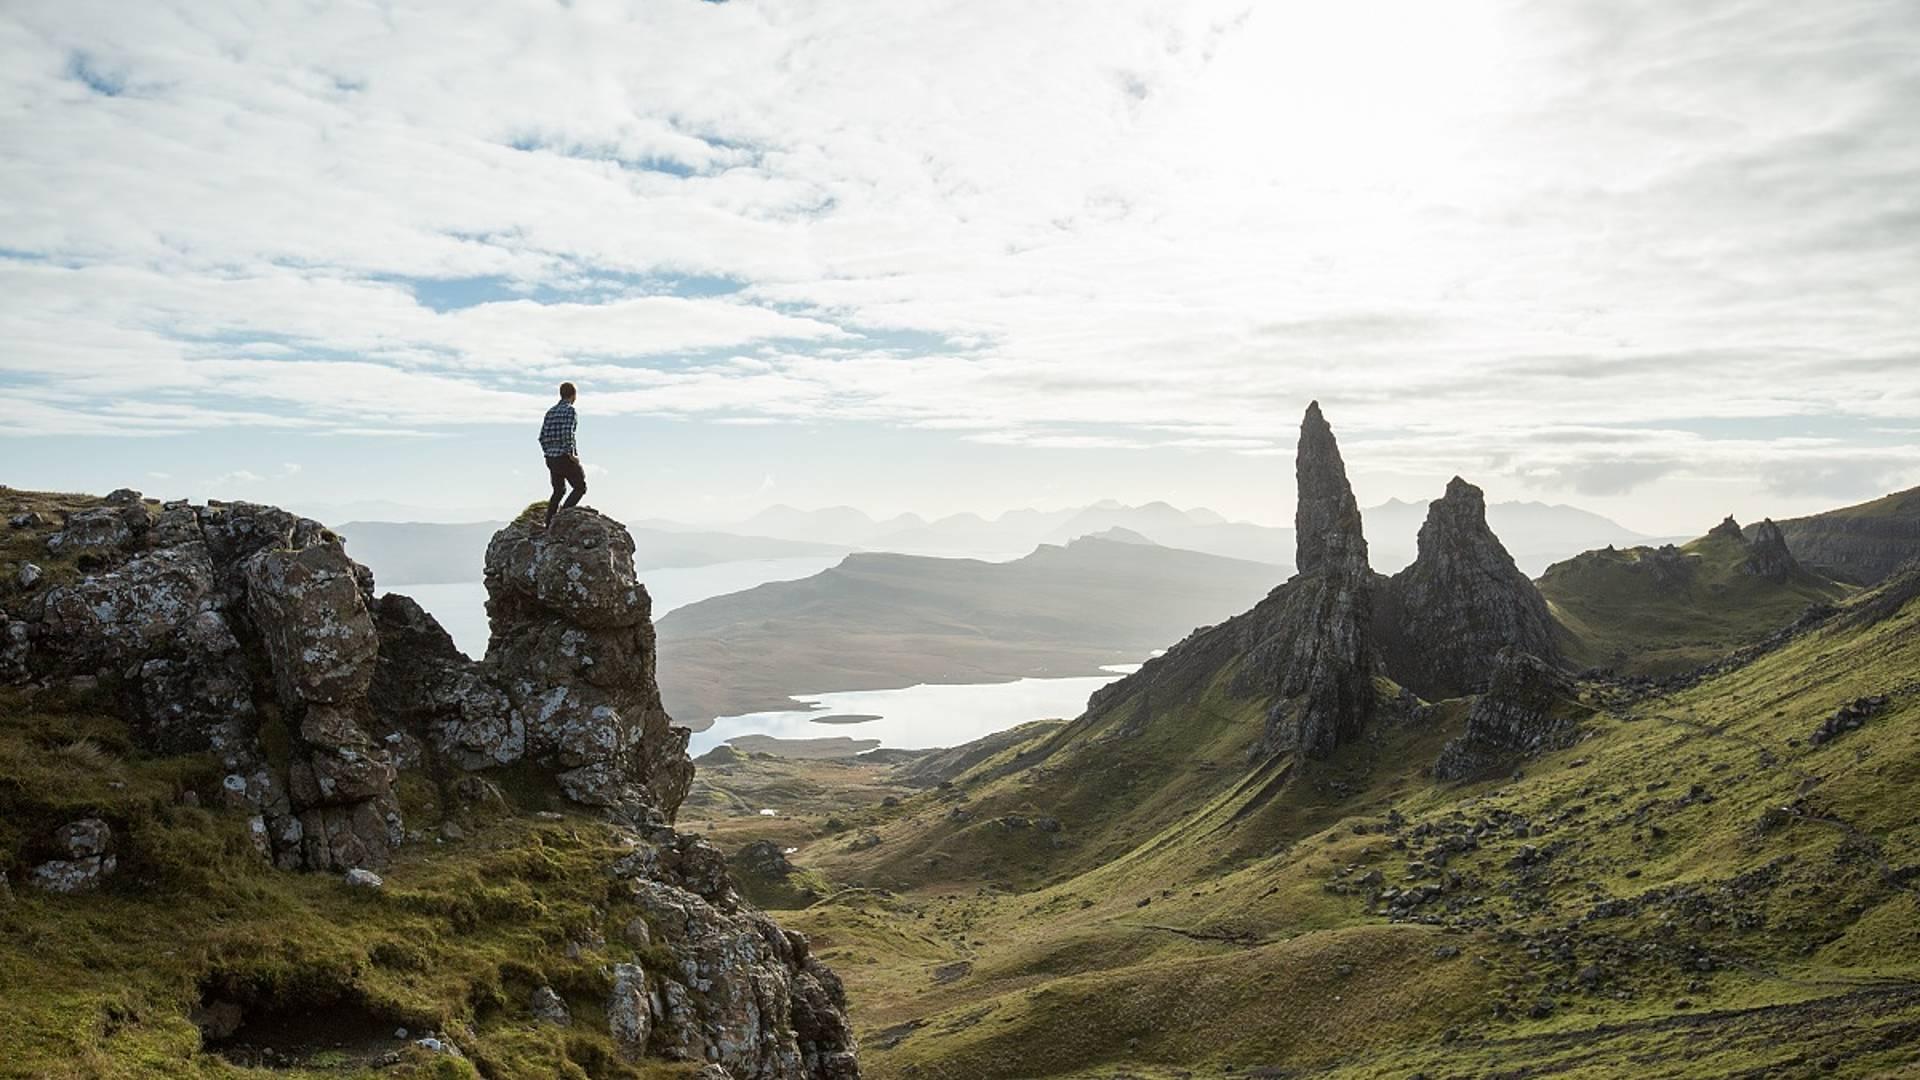 Randonnée en étoiledans les Highlands